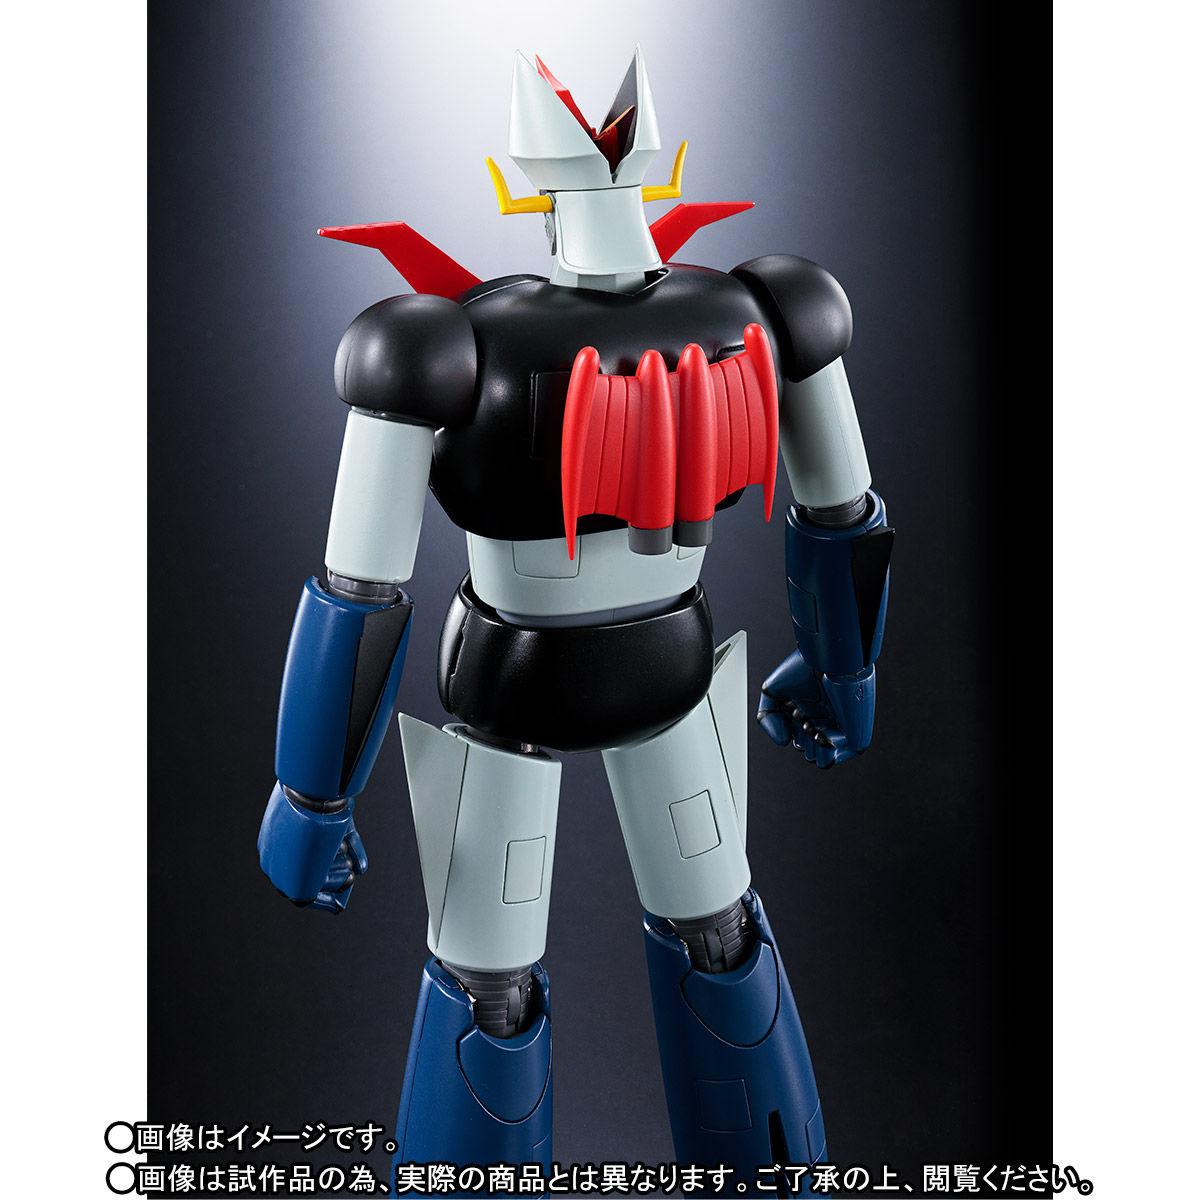 超合金魂 GX-73SP『グレートマジンガー D.C. アニメカラーバージョン』可動フィギュア-007